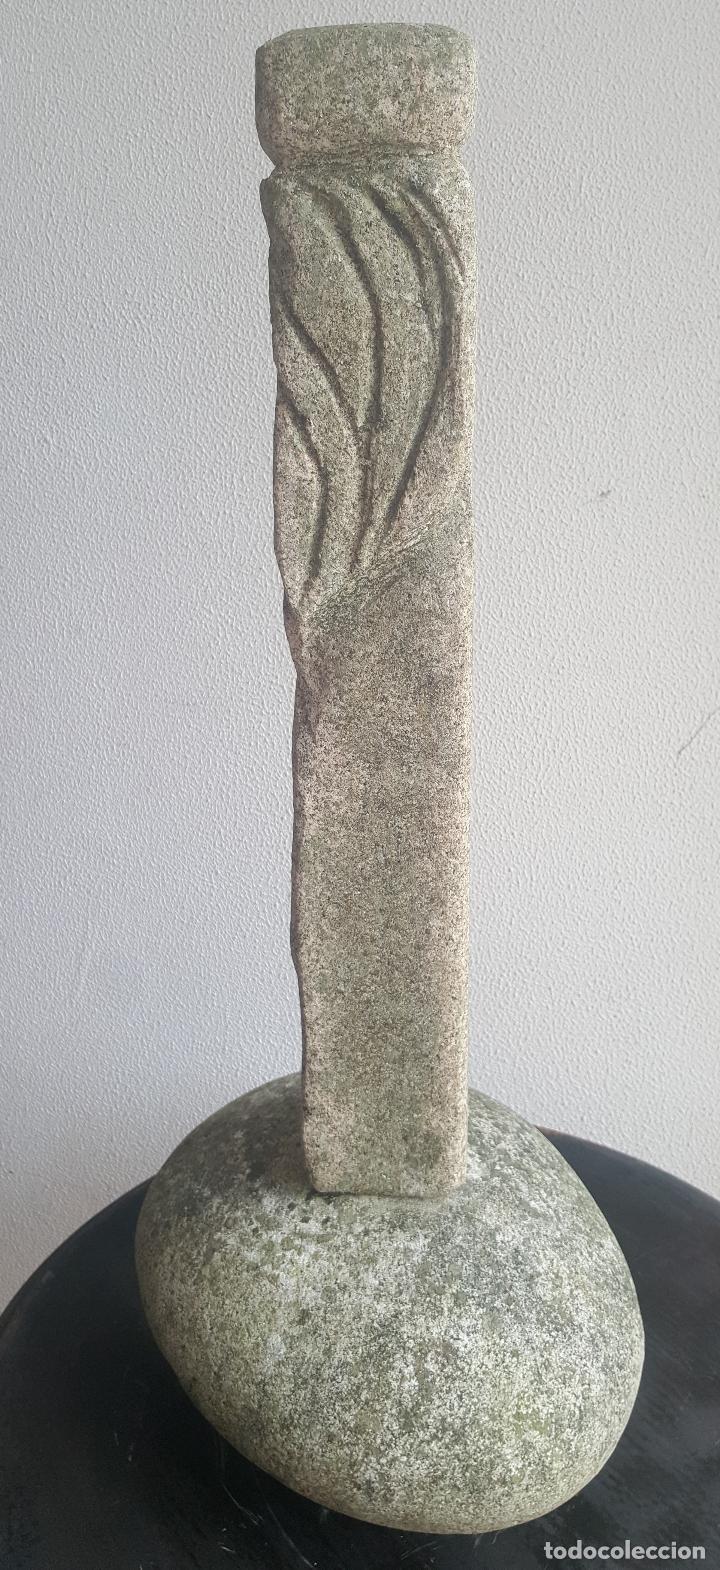 Arte: Escultura piedra personaje. - Foto 6 - 88964440